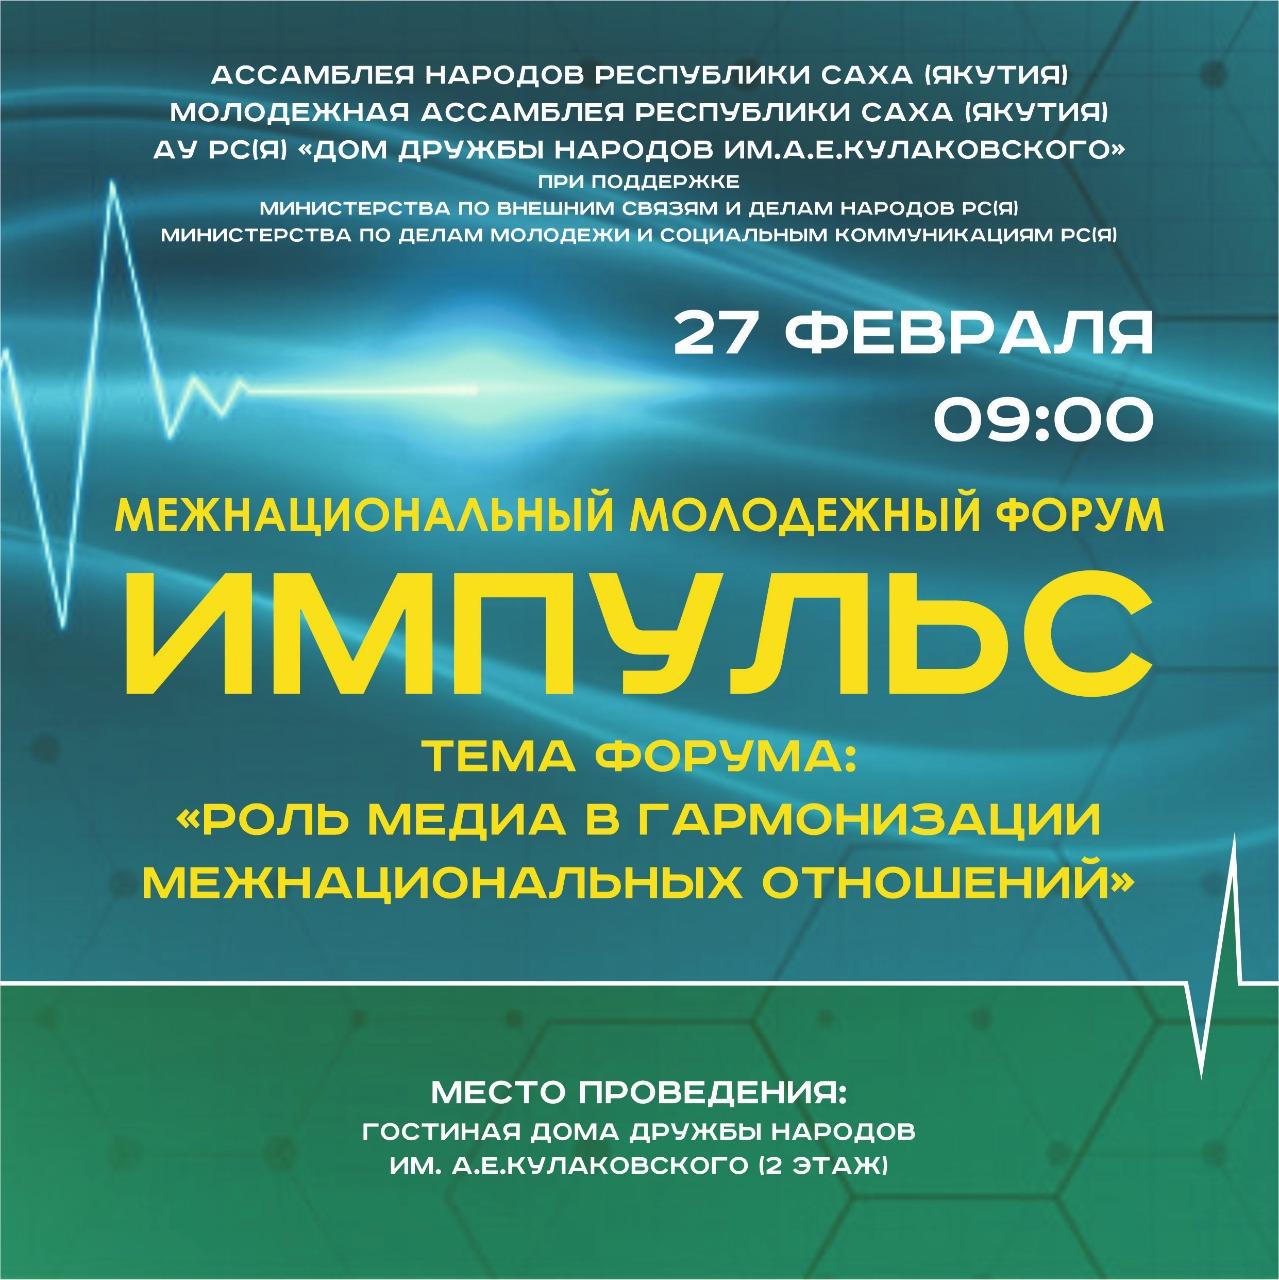 В Якутске состоится межнациональный молодежный форум «Импульс»